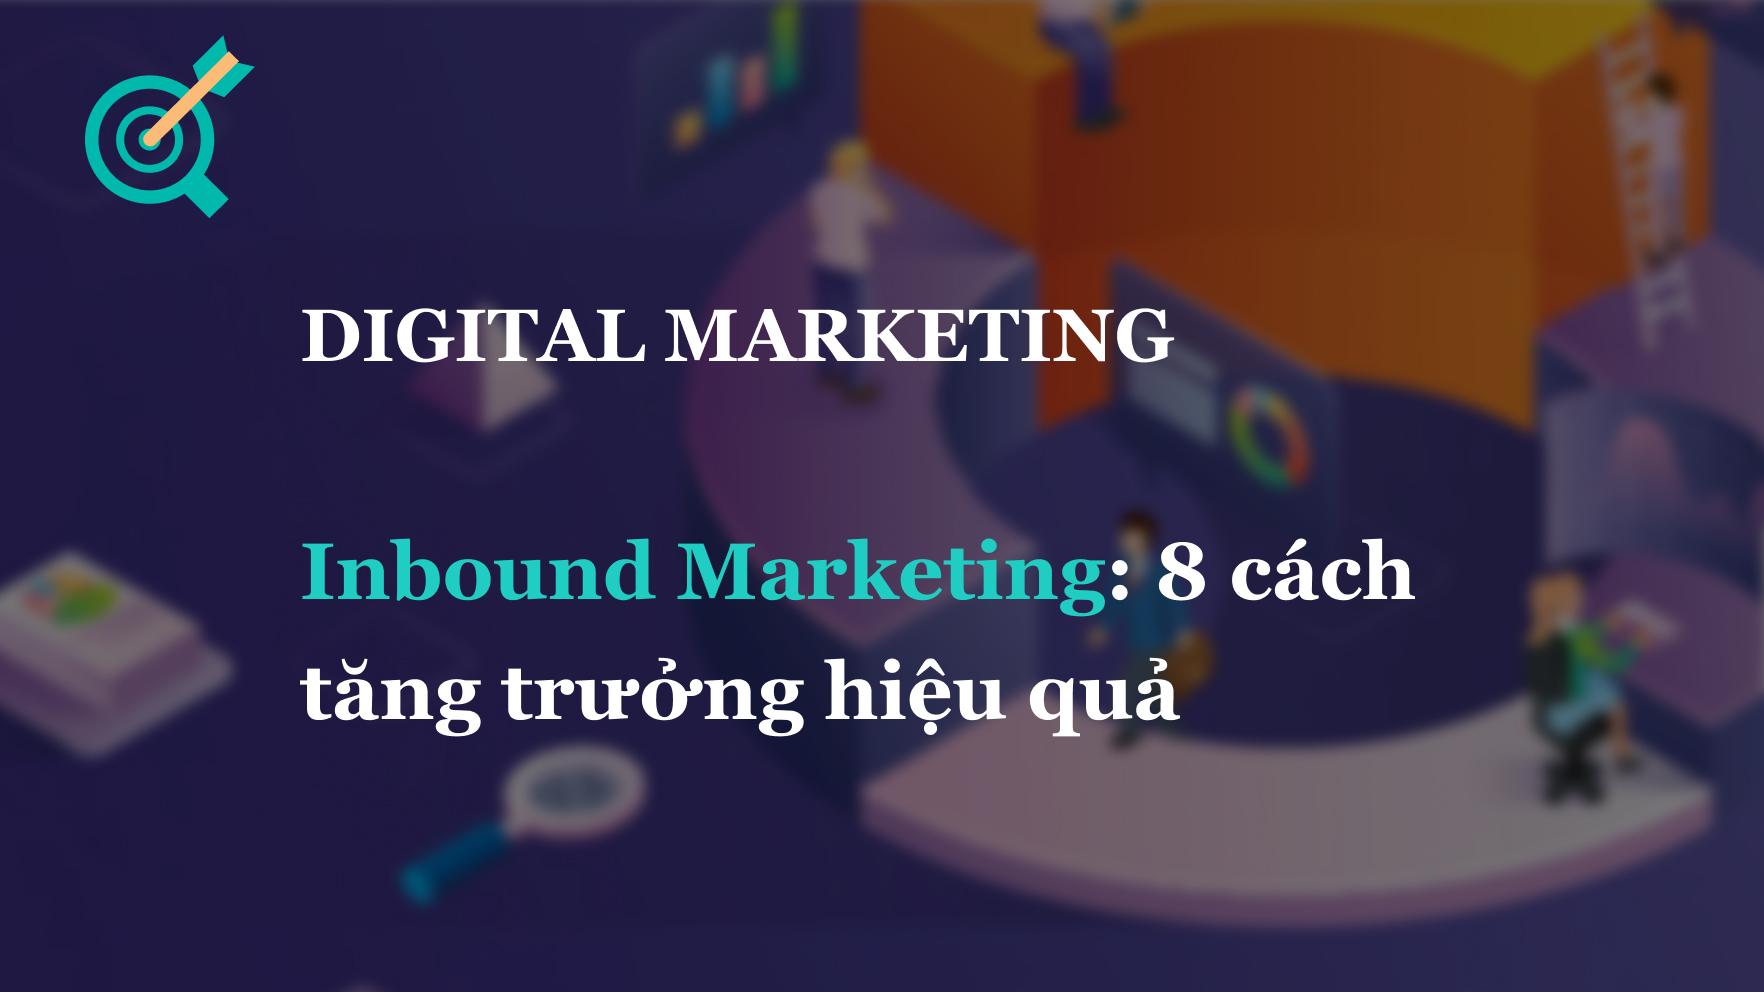 Inbound Marketing là gì? 8 cách tăng trưởng hiệu quả